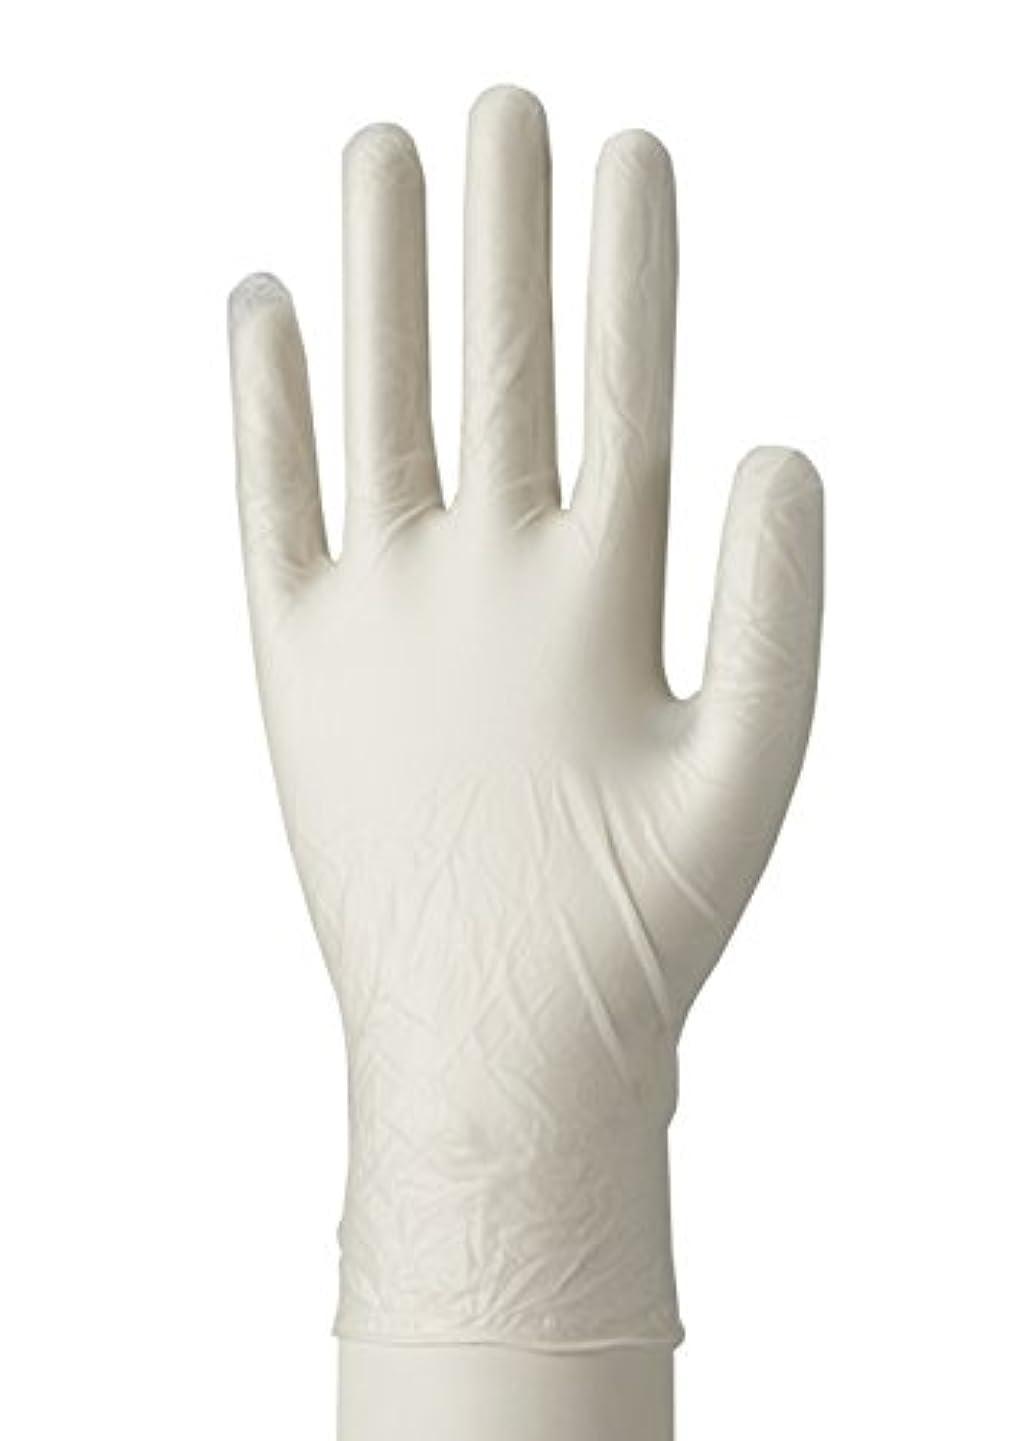 パイプテクトニックビタミンマツヨシ 使い捨て手袋 マイスコPVCグローブ 粉なし MY-7521(サイズ:S)100枚入り 病院採用商品